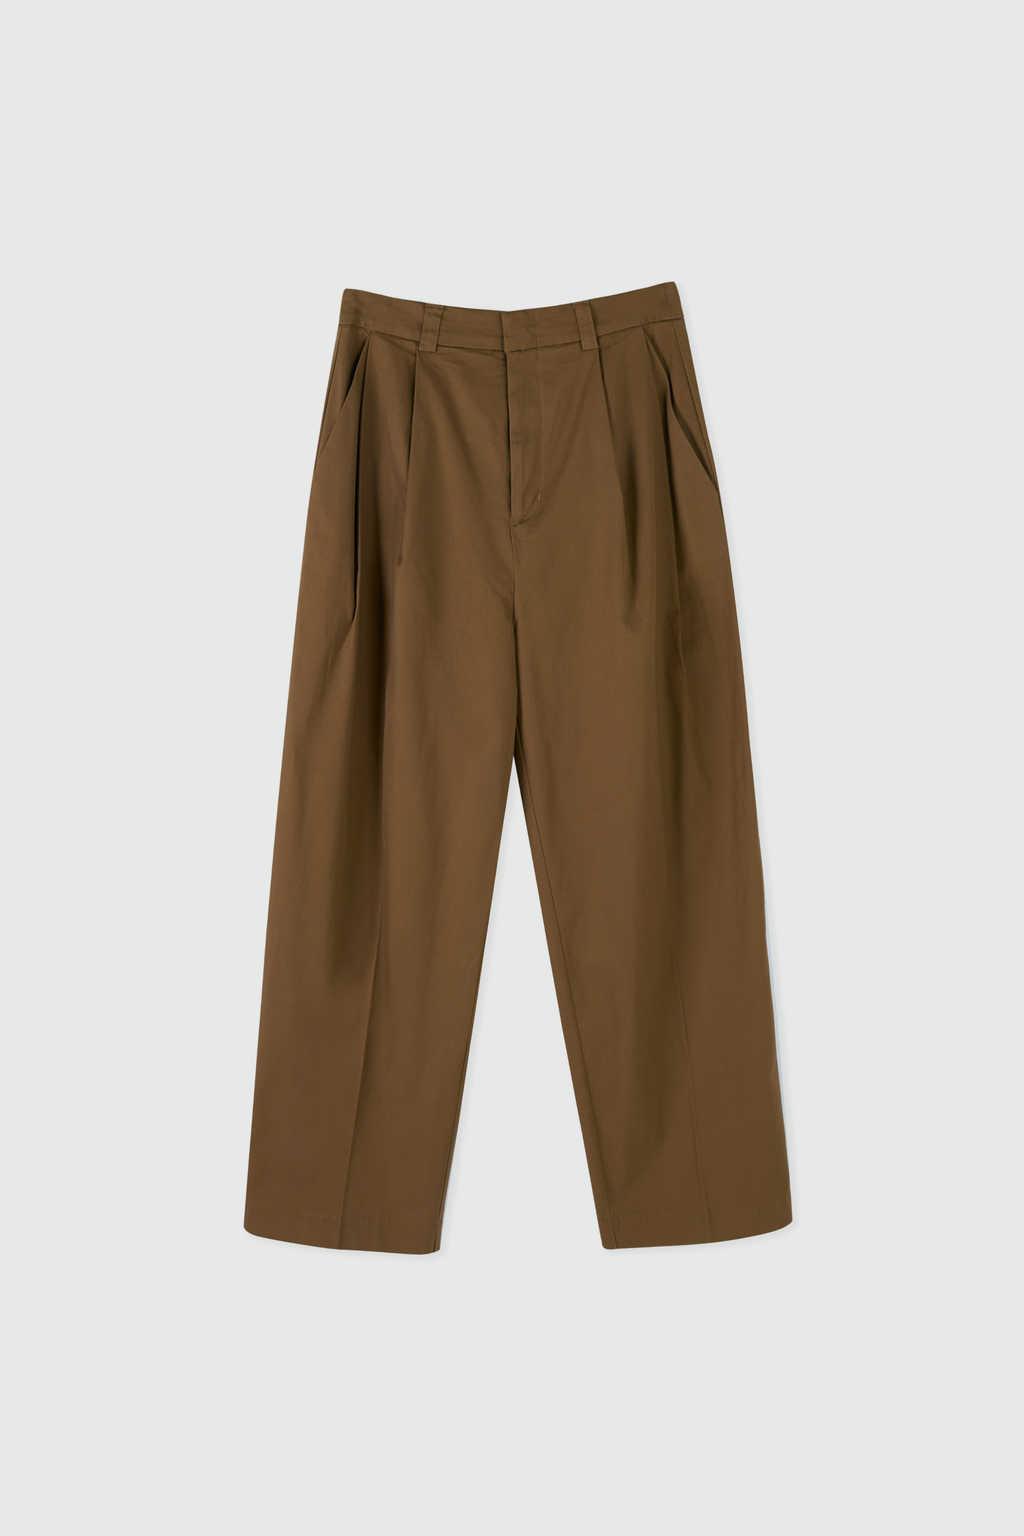 Pant 2975 Brown 5